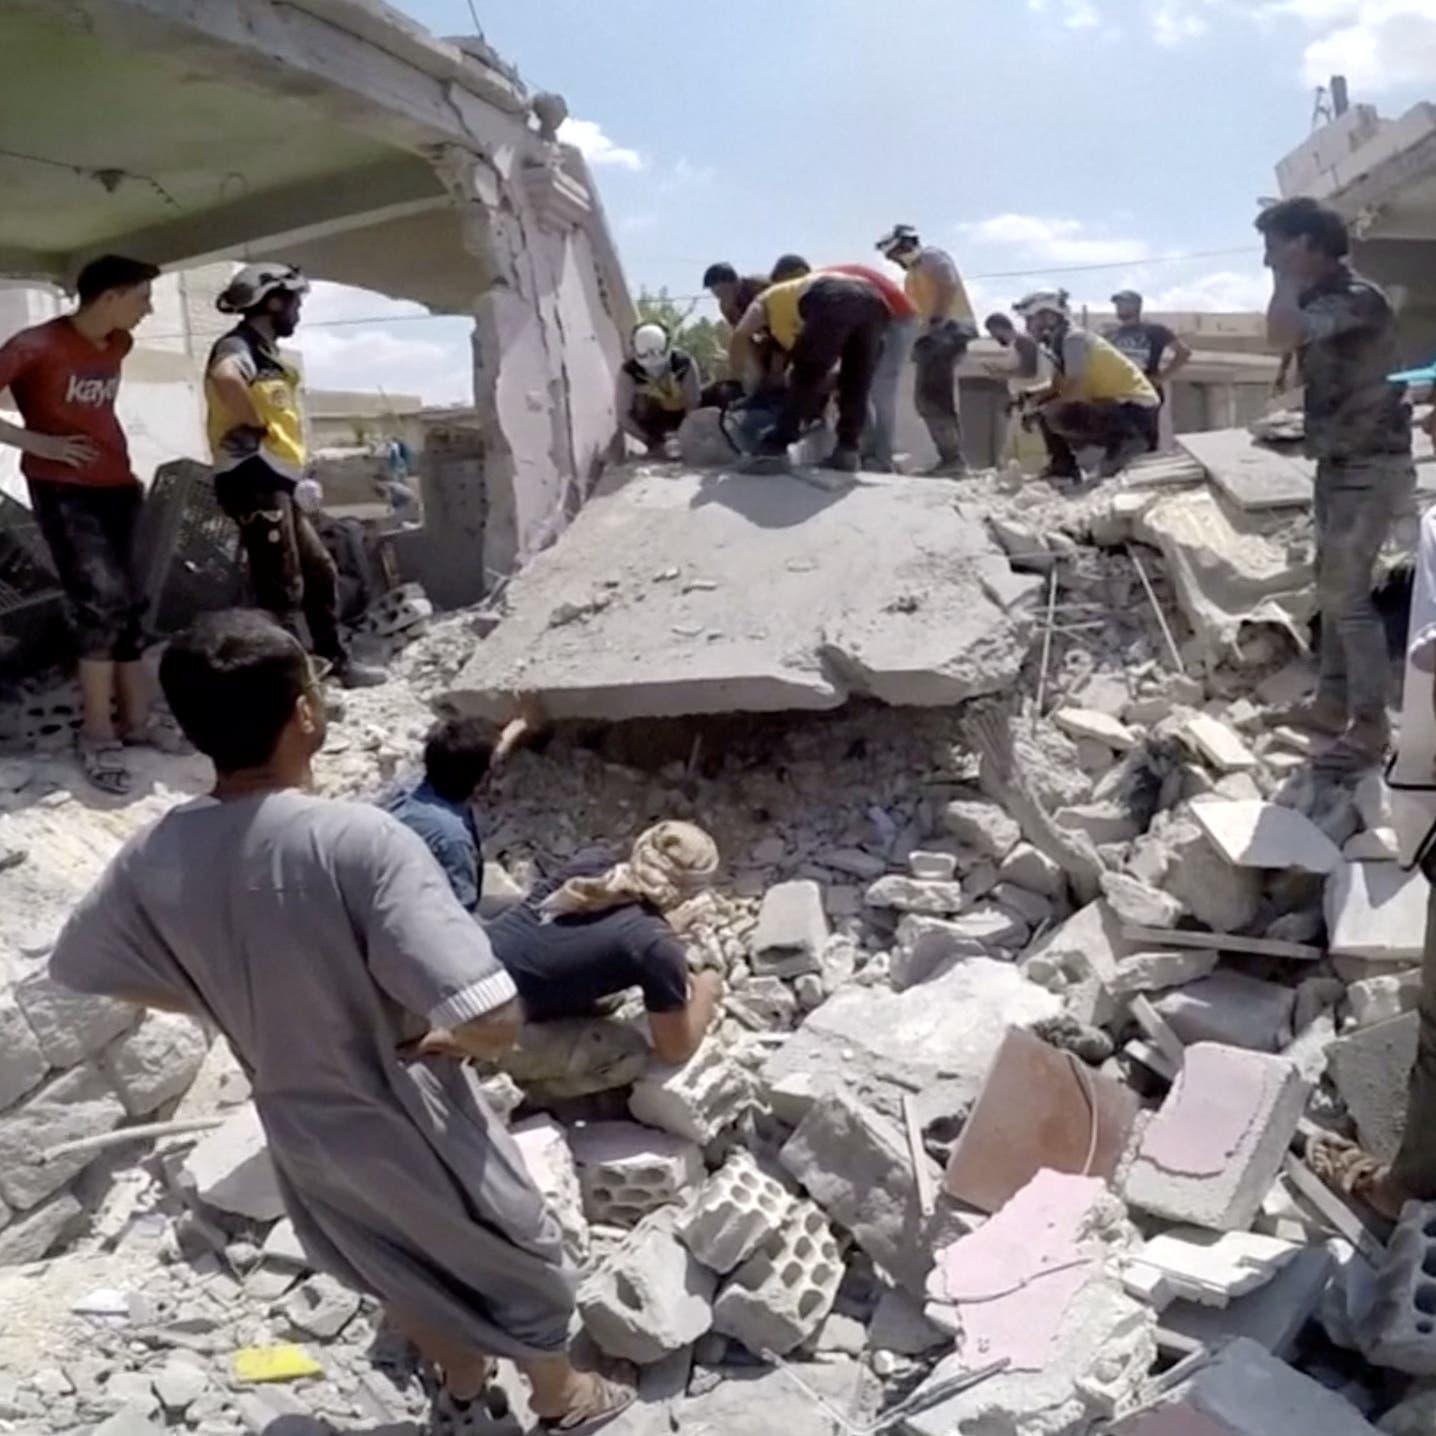 الأمم المتحدة تحقق في هجمات على منشآت تدعمها في سوريا